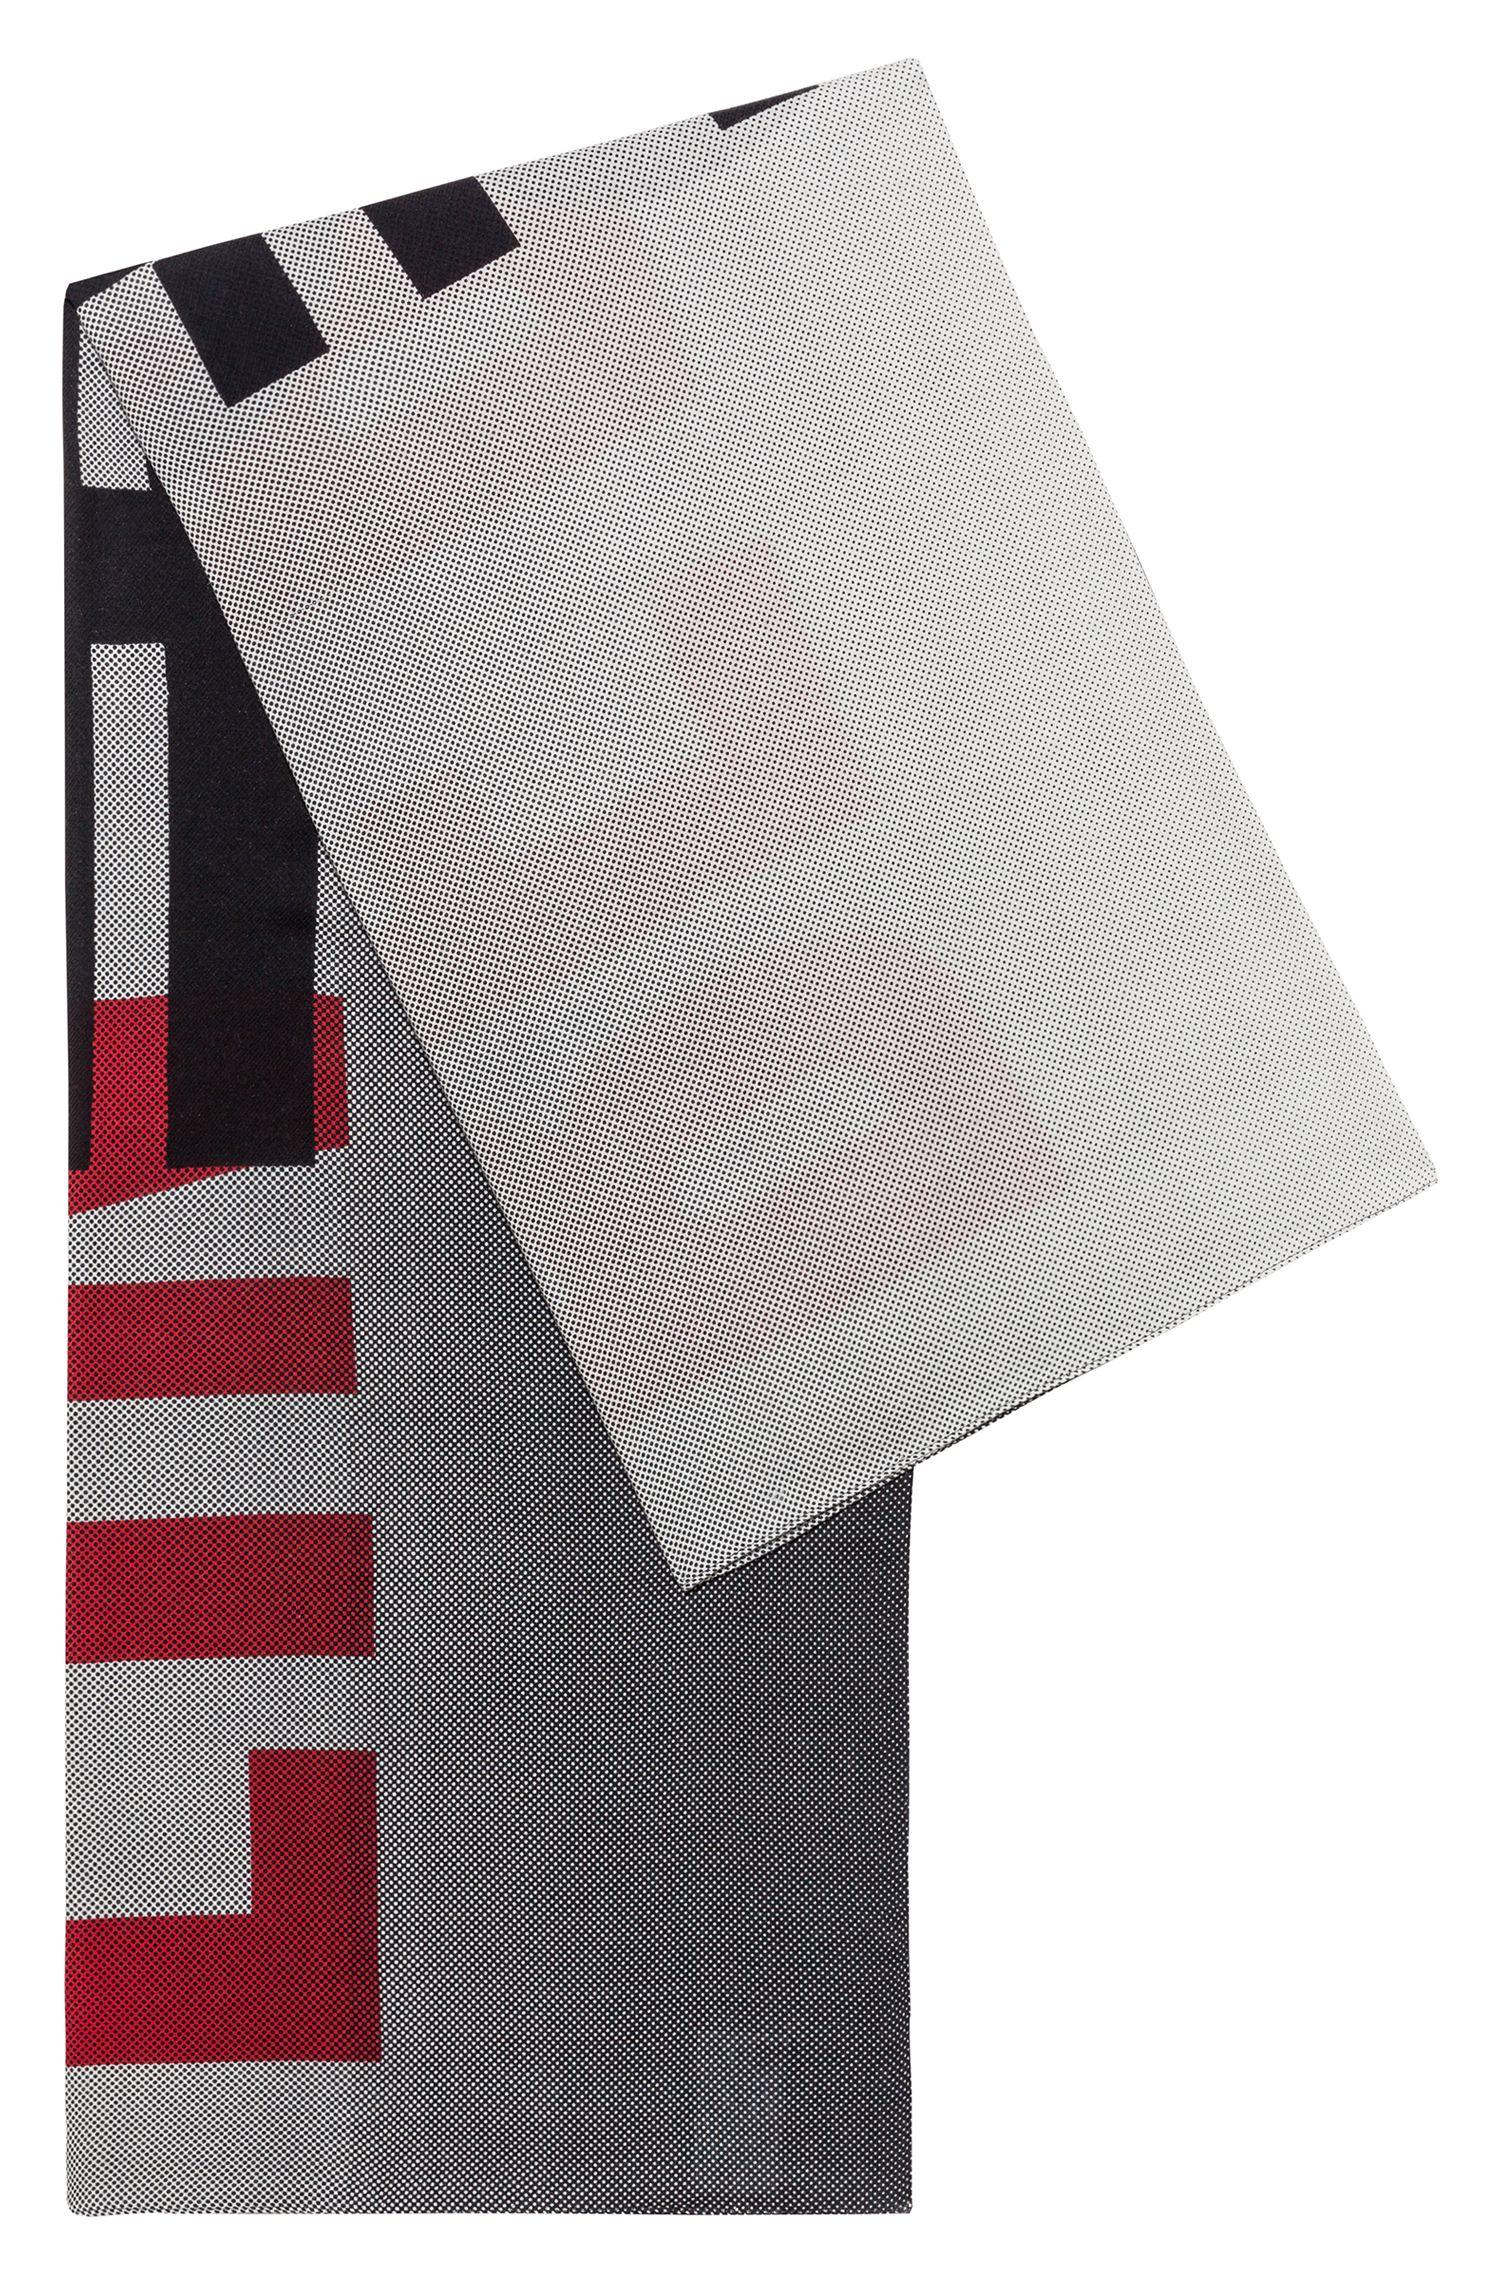 Foulard carré en coton mélangé avec imprimé de la collection, Fantaisie